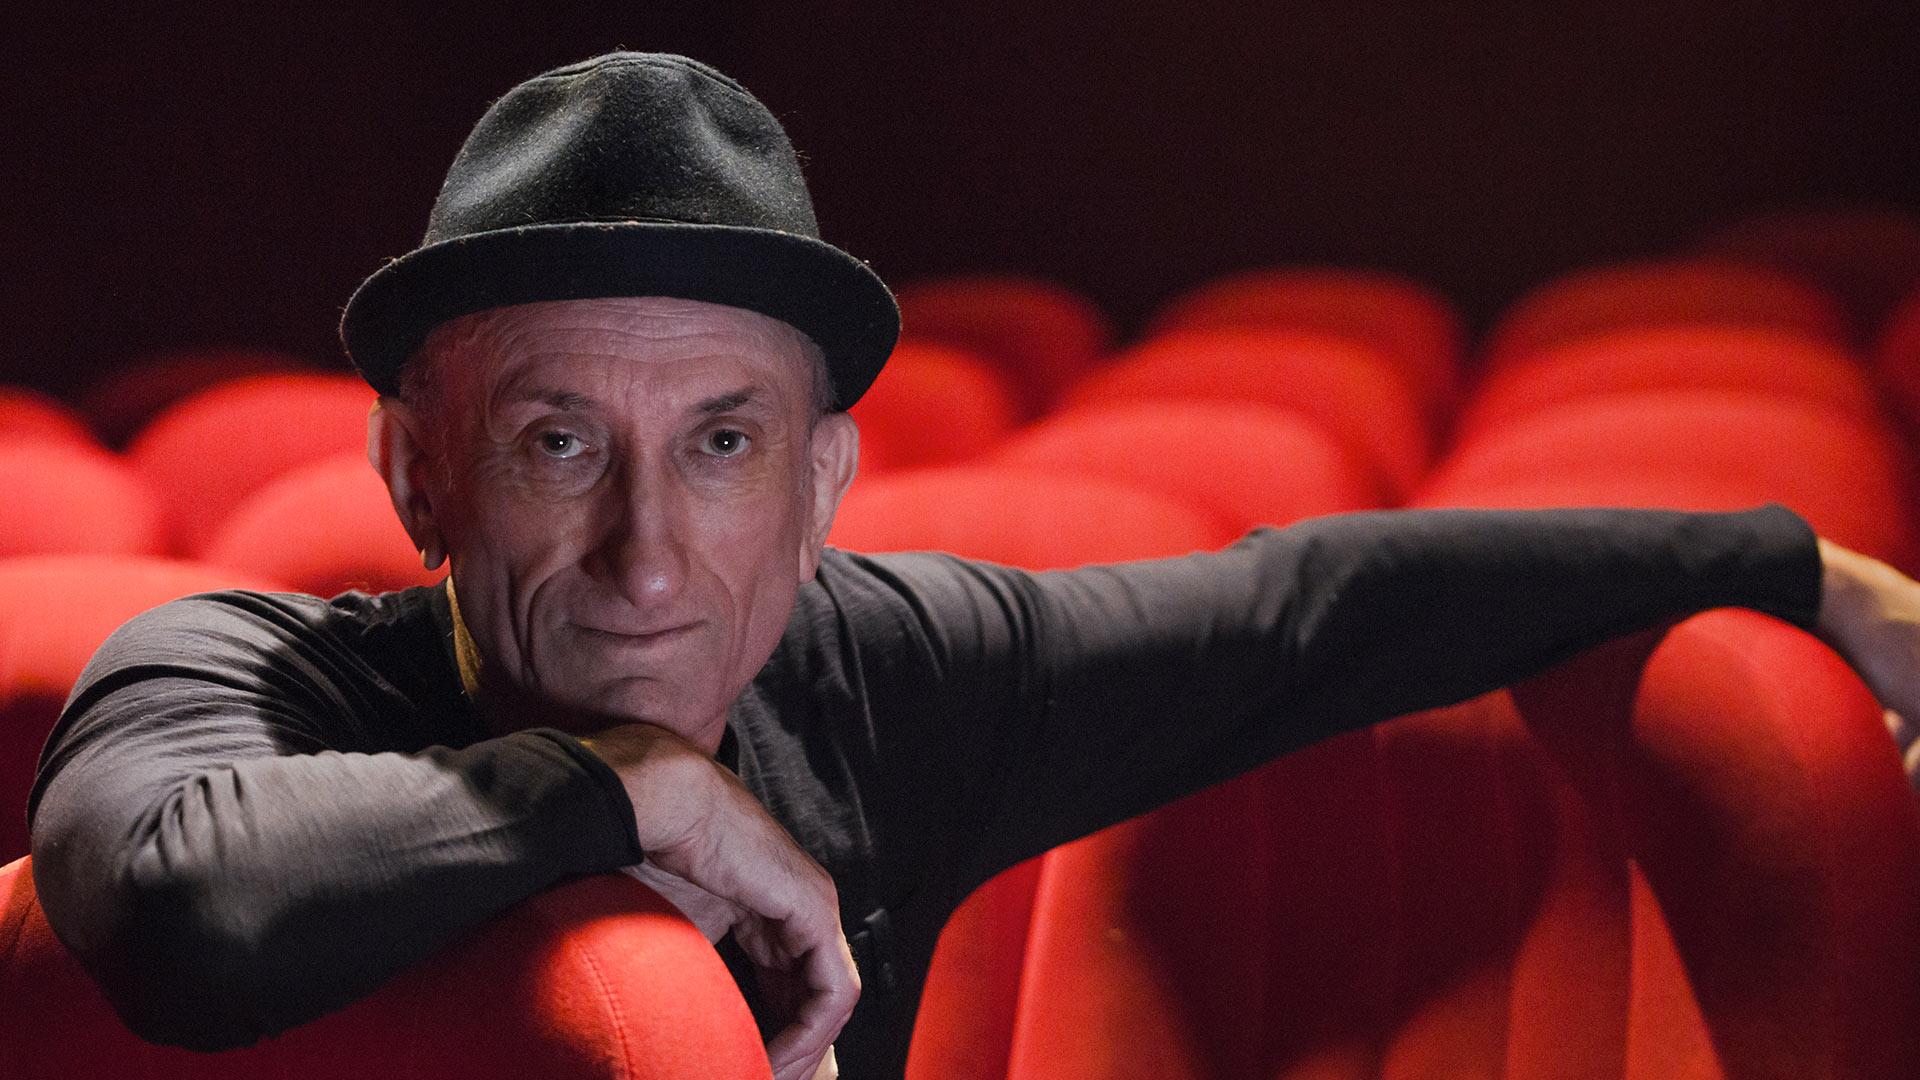 Jean-François Derec au Radiant-Bellevue le 12 décembre 2019